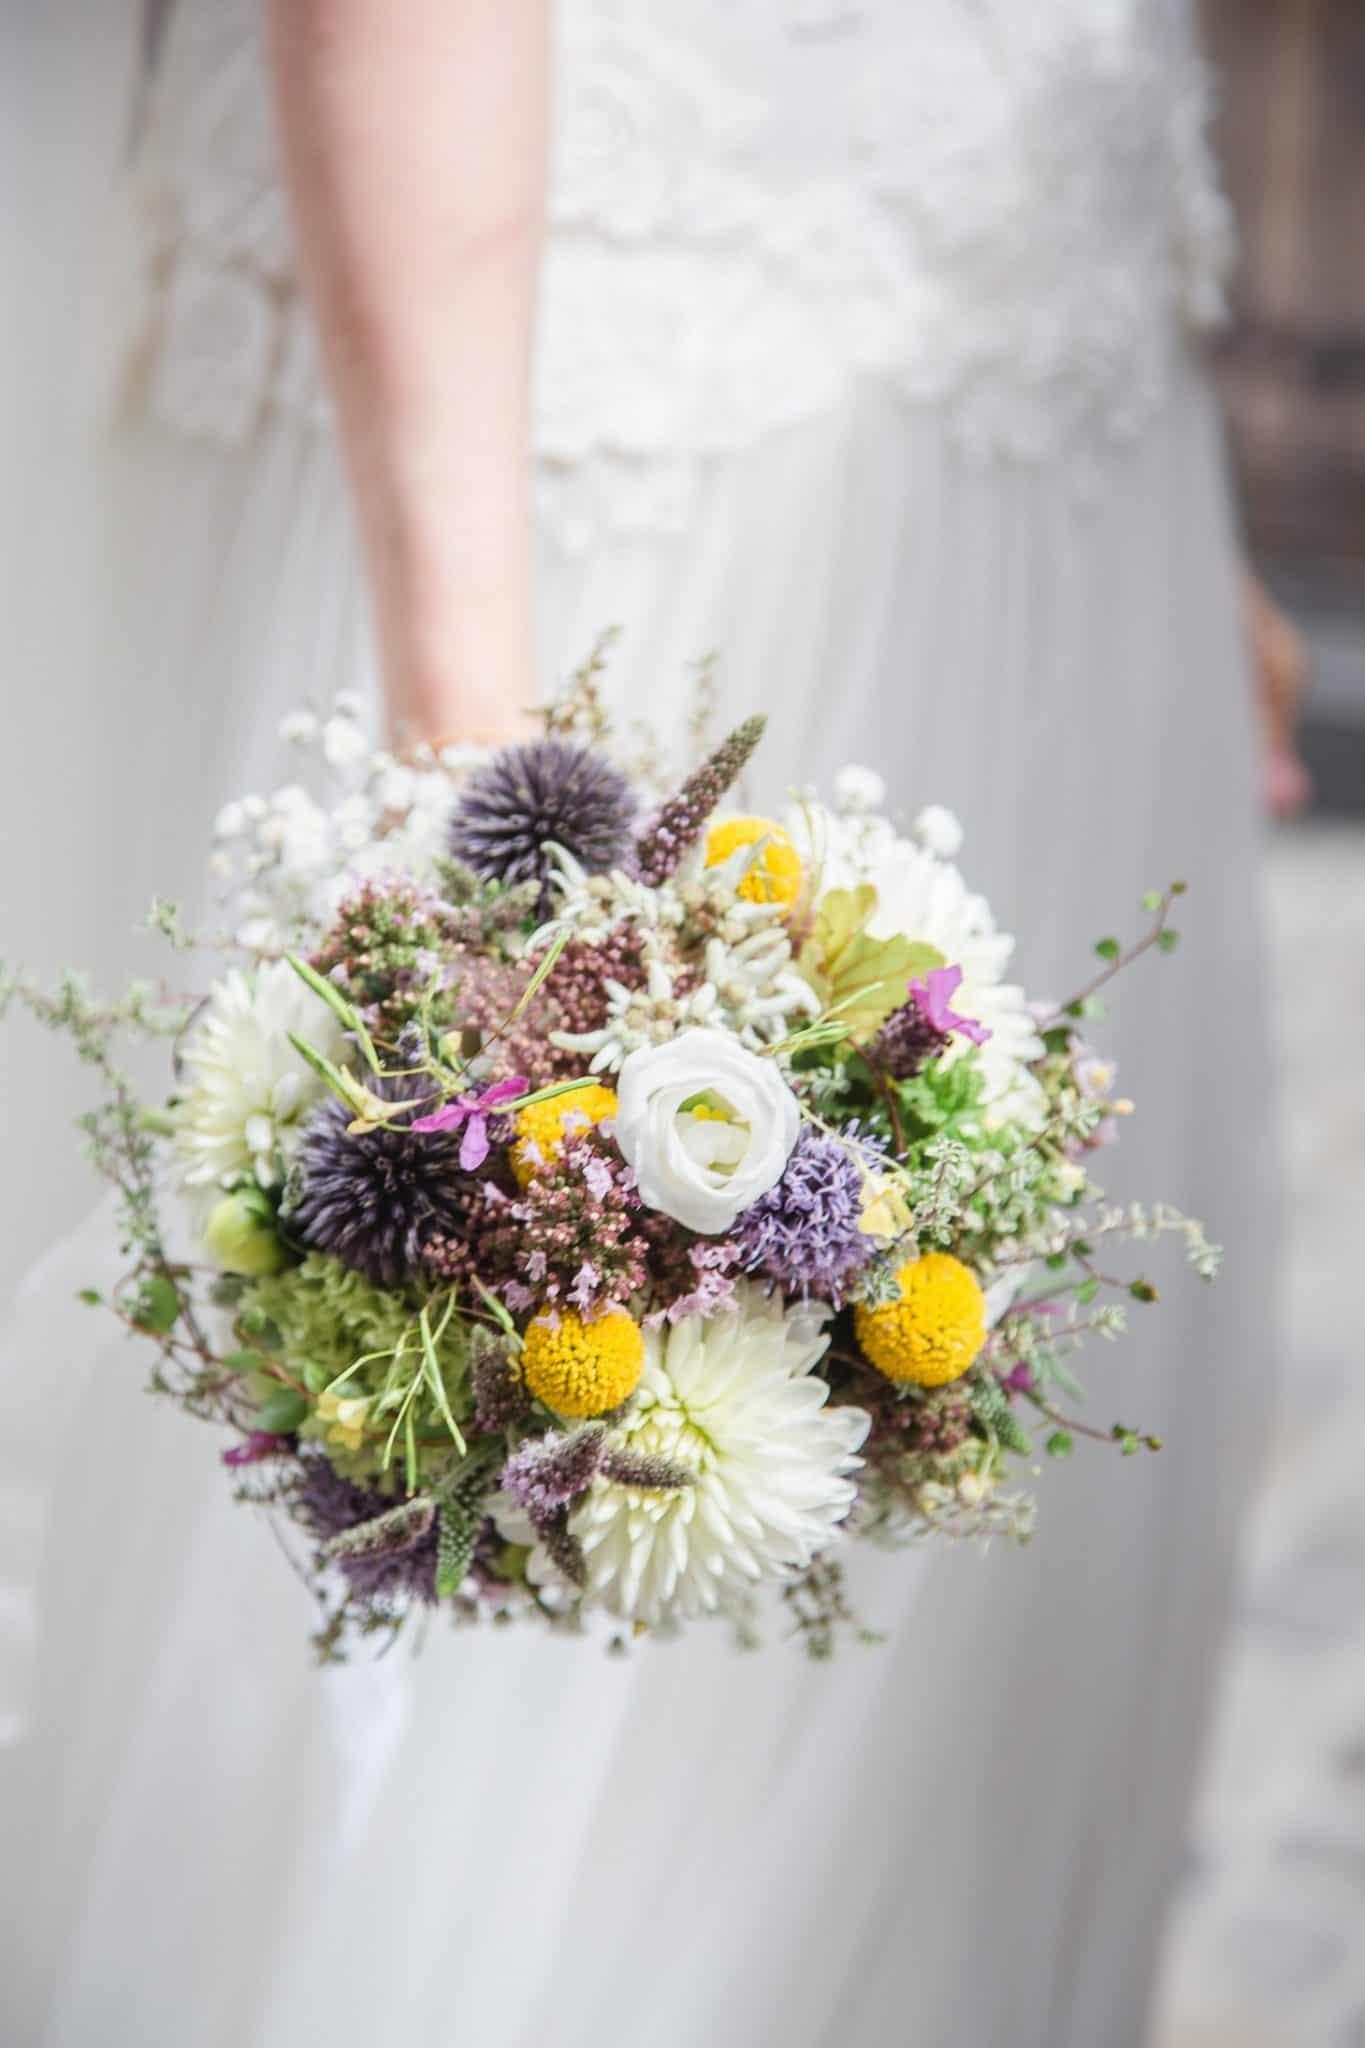 Hochzeit von Laura und Marco in Münster: Braut zeigt ihren Brautstrauß